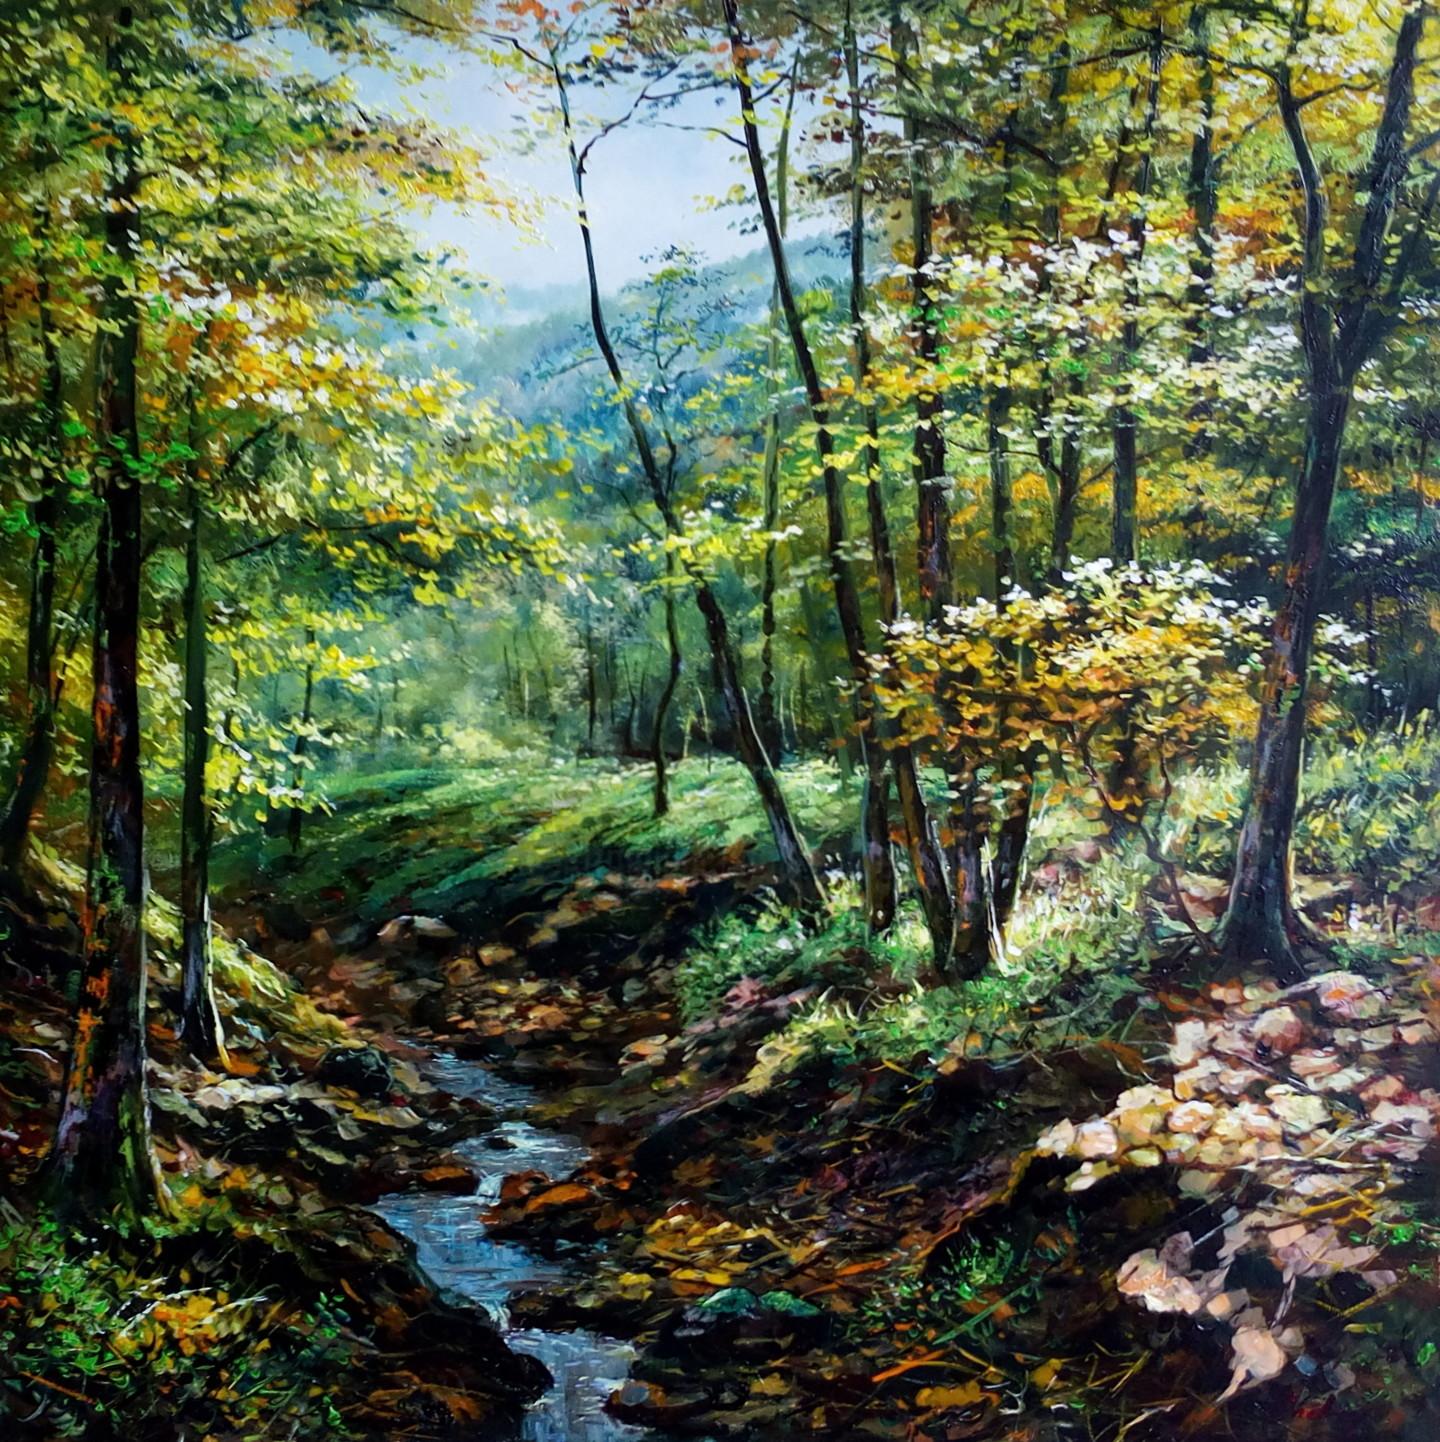 Attila Endrey-Nagy - Summer day in the forest/ Jour d'été dans la forêt